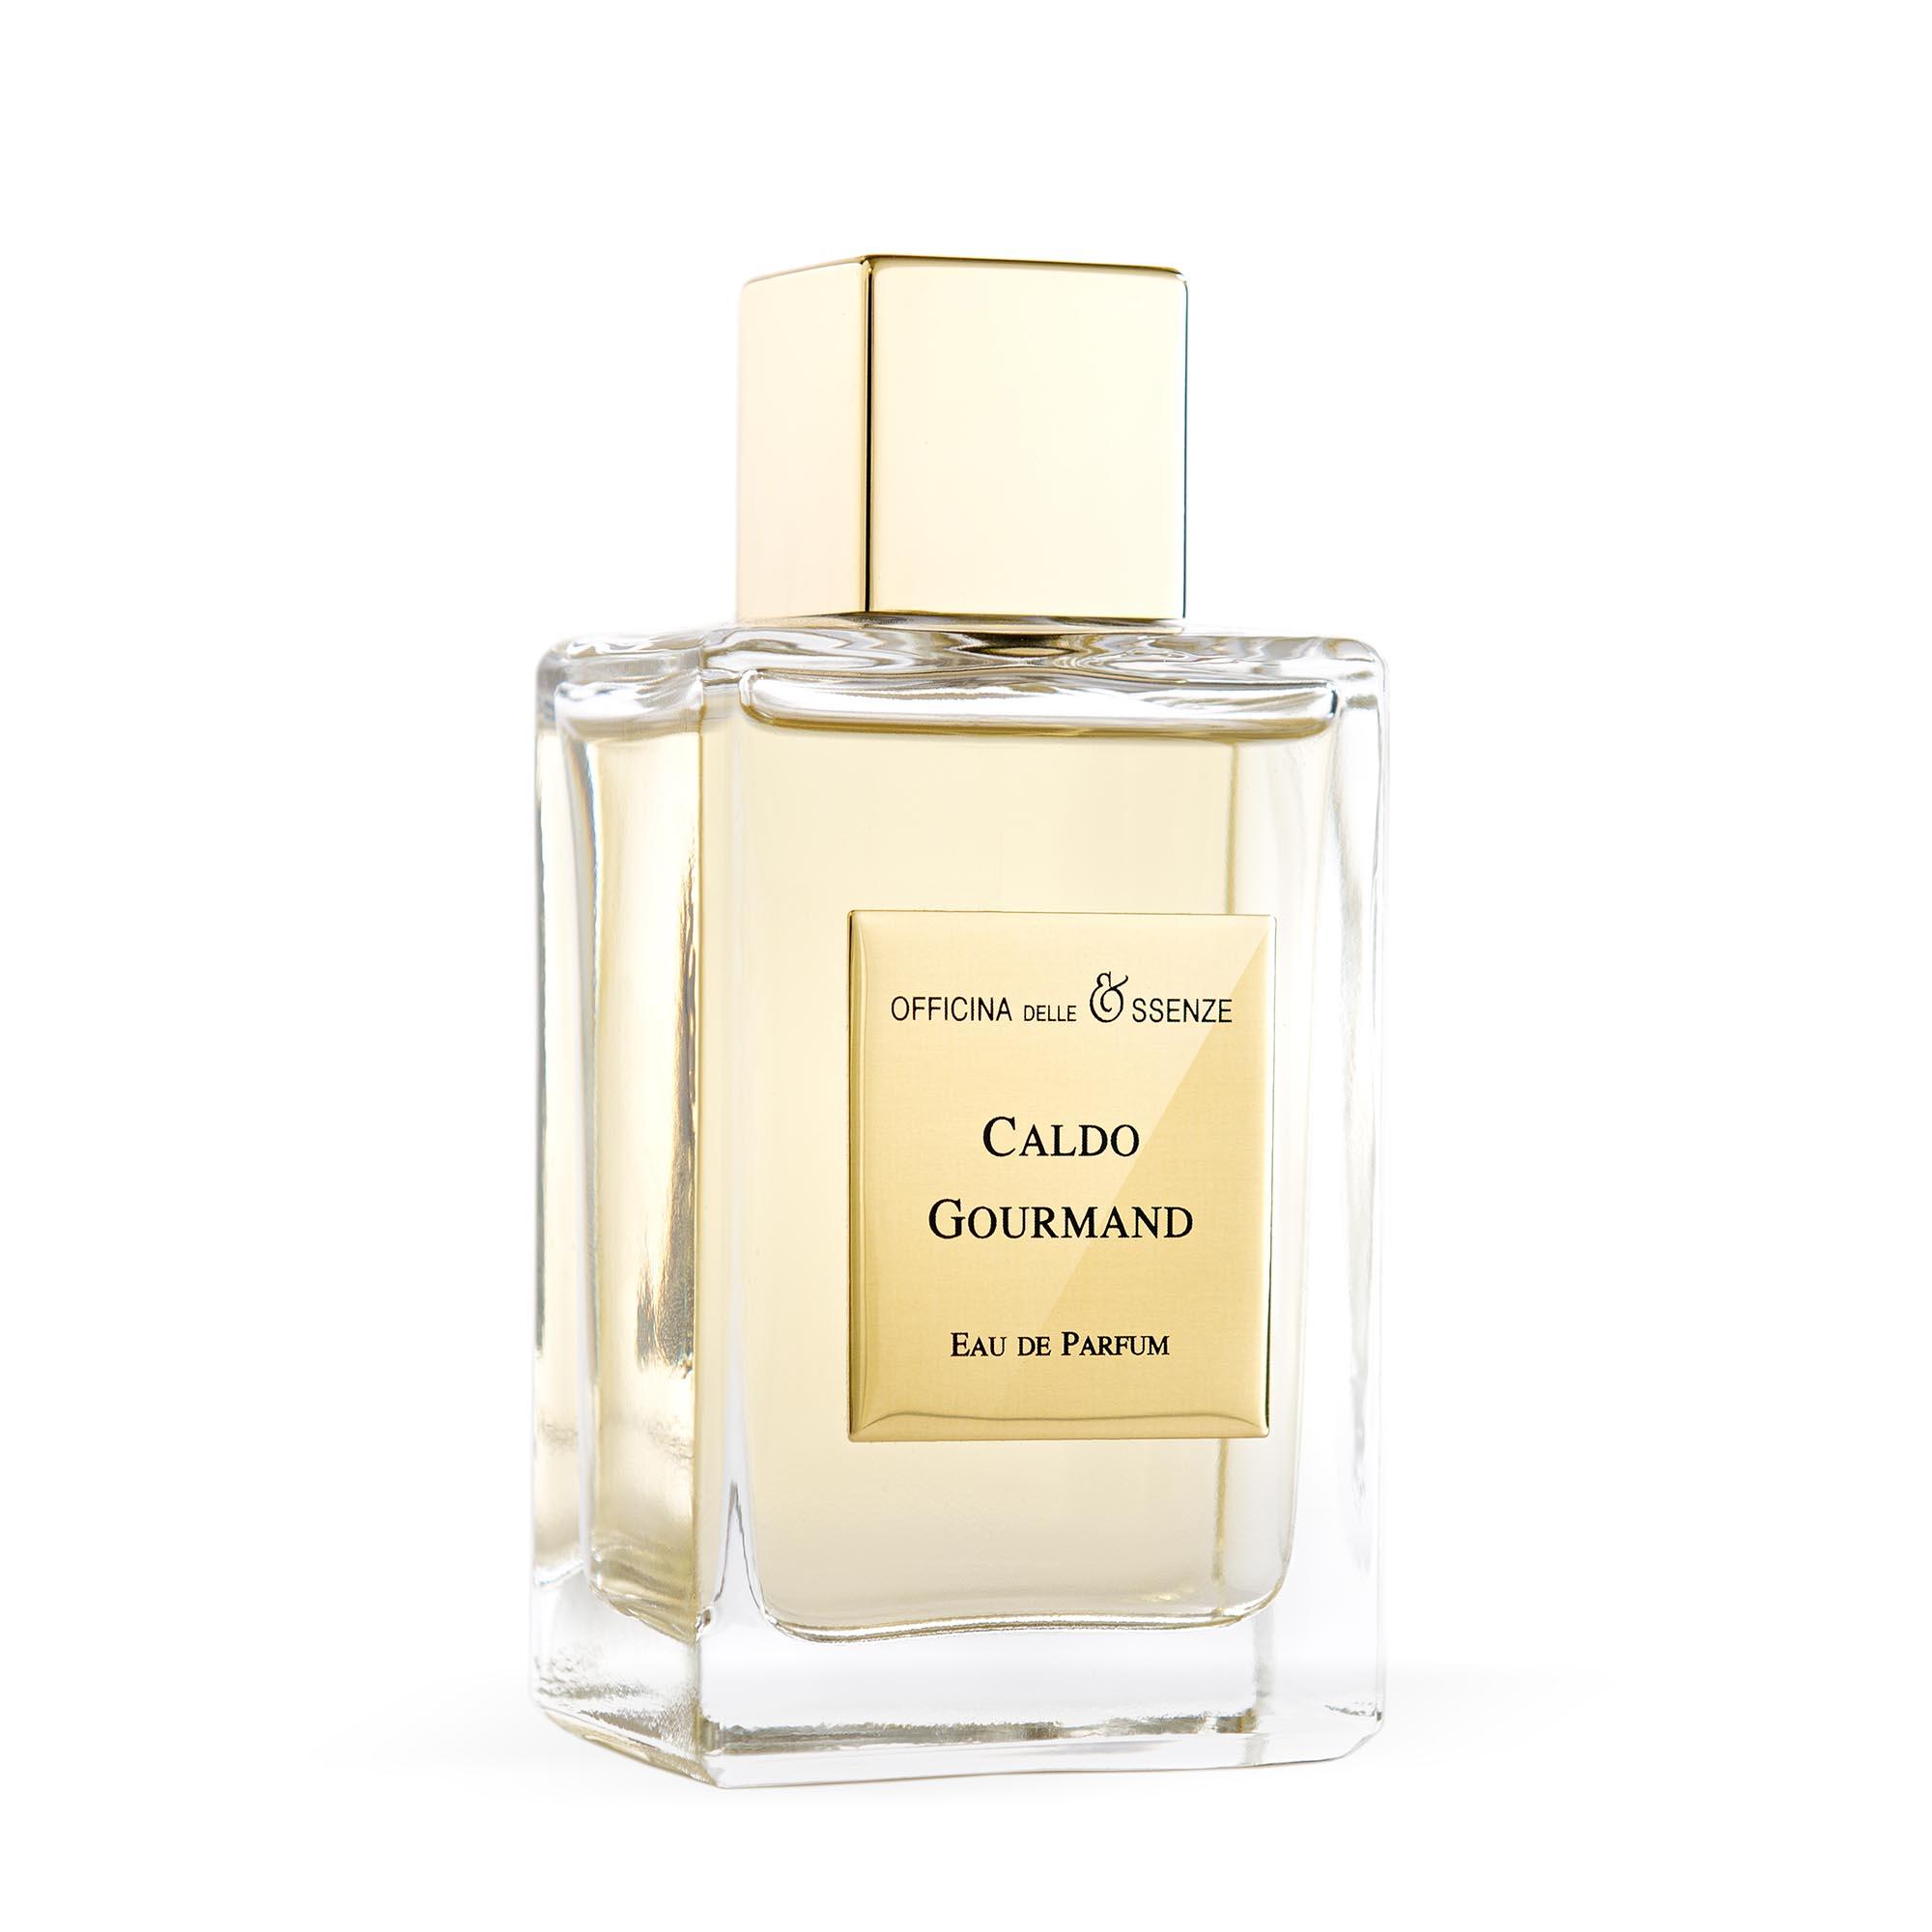 Caldo Gourmand Officina delle Essenze niche perfume